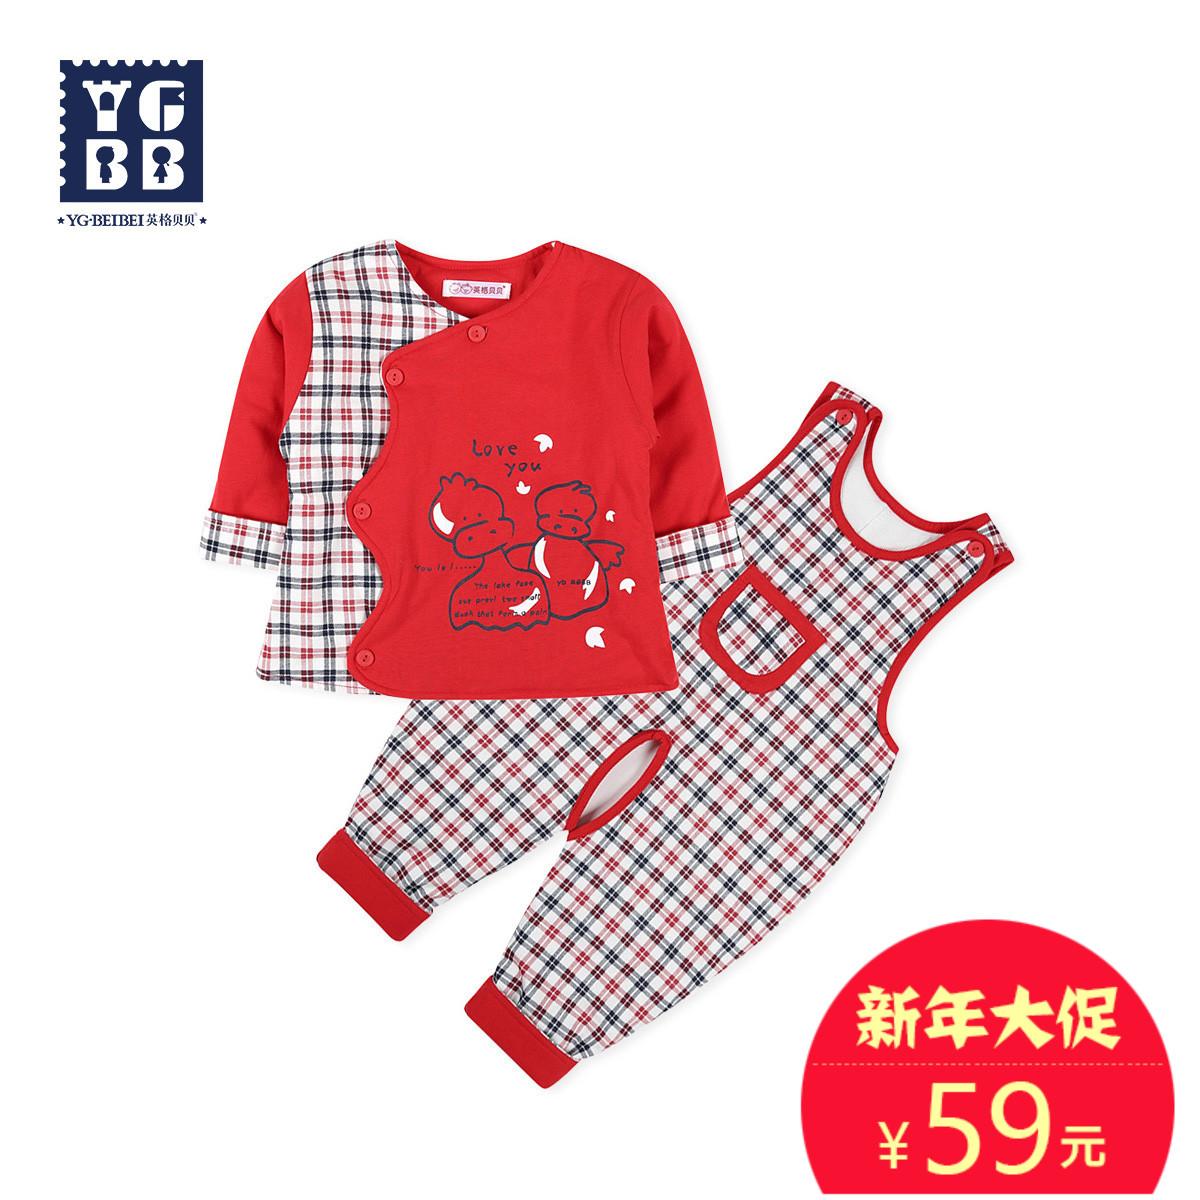 英格贝贝宝宝春秋装薄棉衣背带套装婴儿外套衣服童装男女童外出服图片